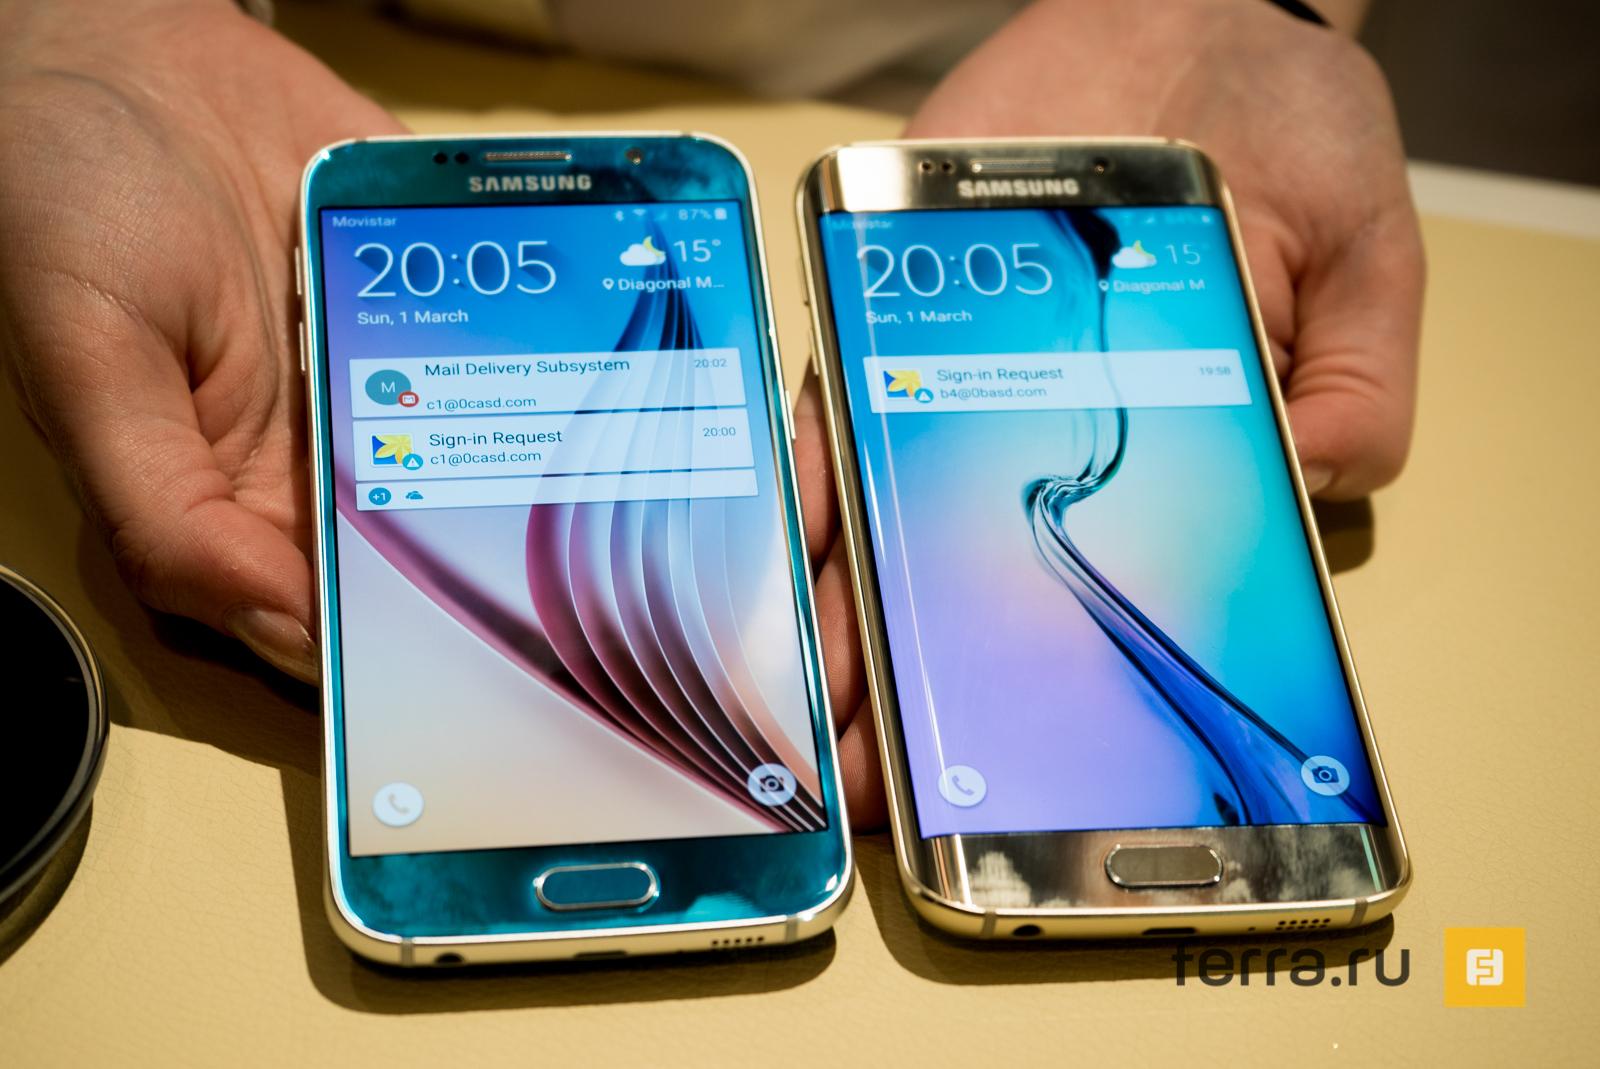 Samsung прекратила поддержку Galaxy S6 и S6 edge